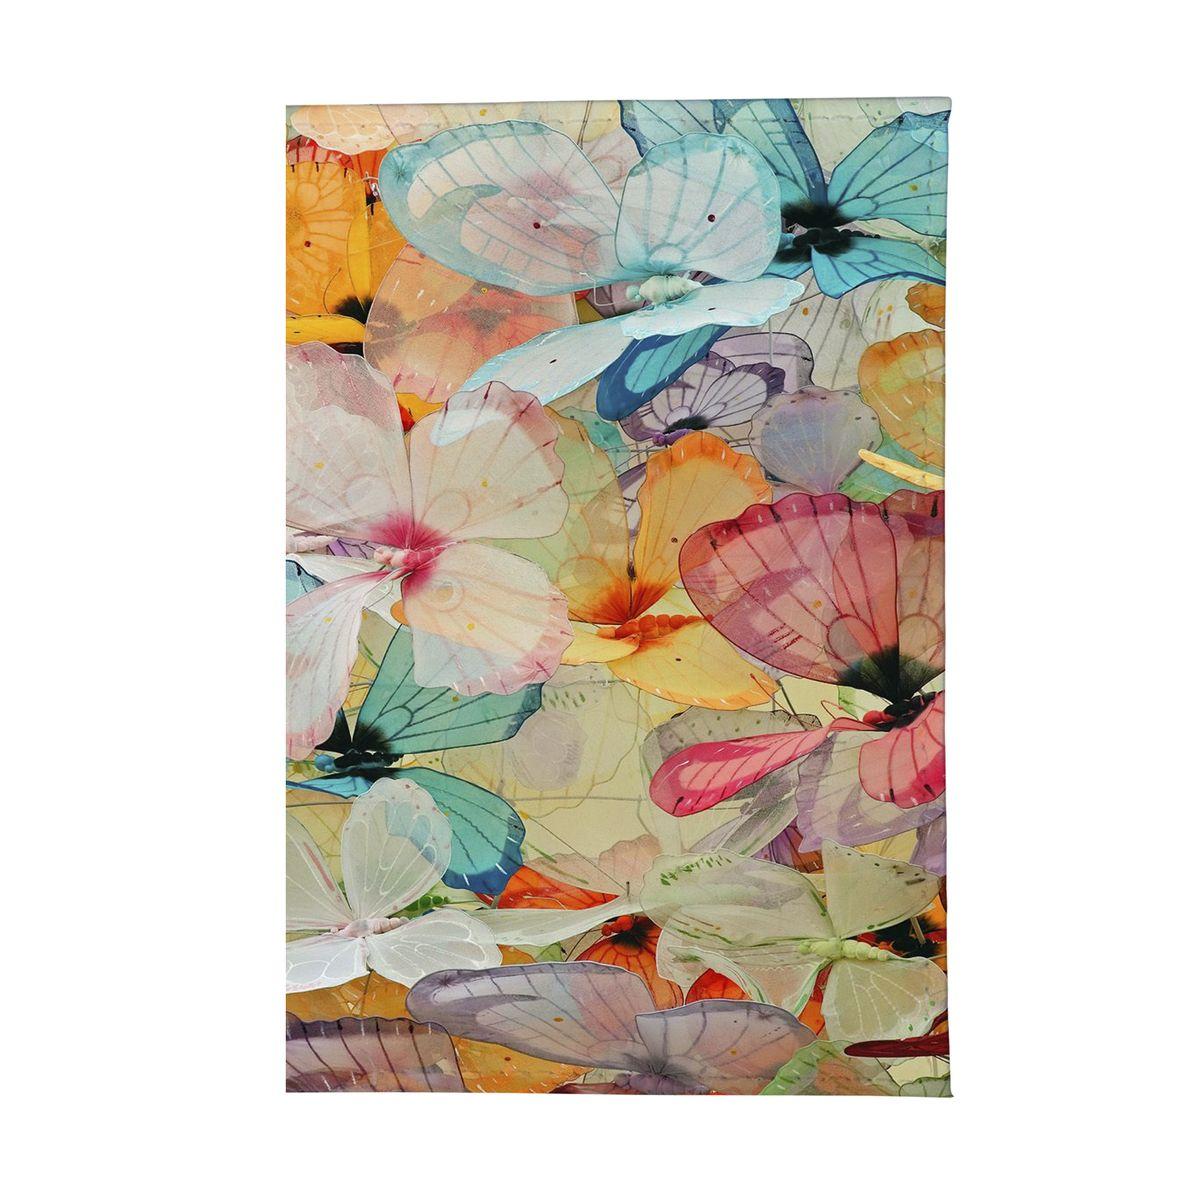 Обложка для автодокументов женская Mitya Veselkov Цветные бабочки. AUTOZAM165FS-80423Стильная обложка для автодокументов Mitya Veselkov Цветные бабочки изготовлена из ПВХ и оформлена интересным принтом. Внутри изделия расположен съемный блок для документов, включающий в себя шесть прозрачных файлов.